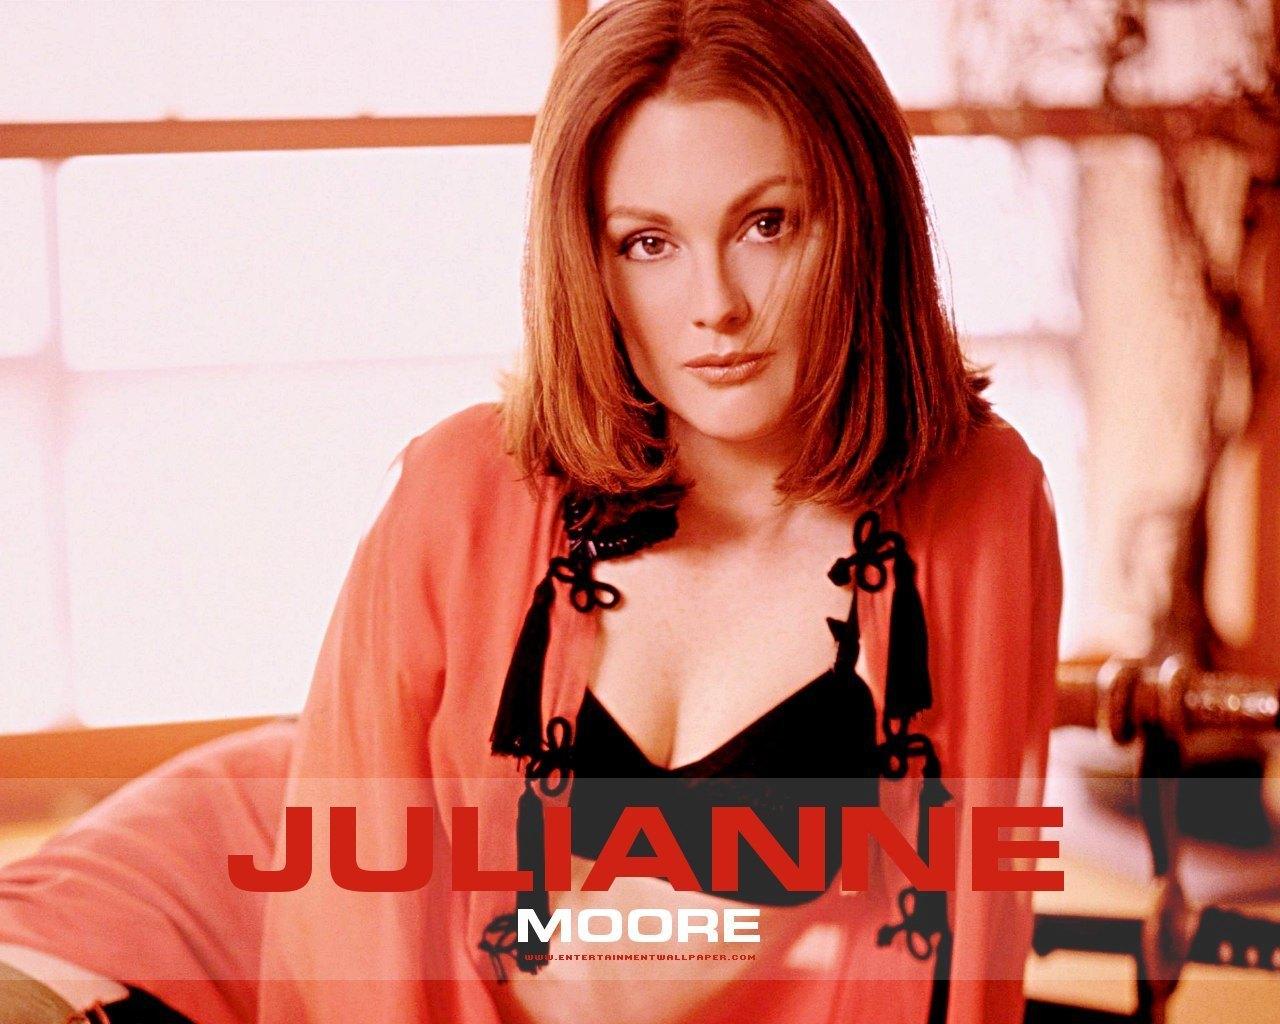 Julianne Moore - Wallpaper